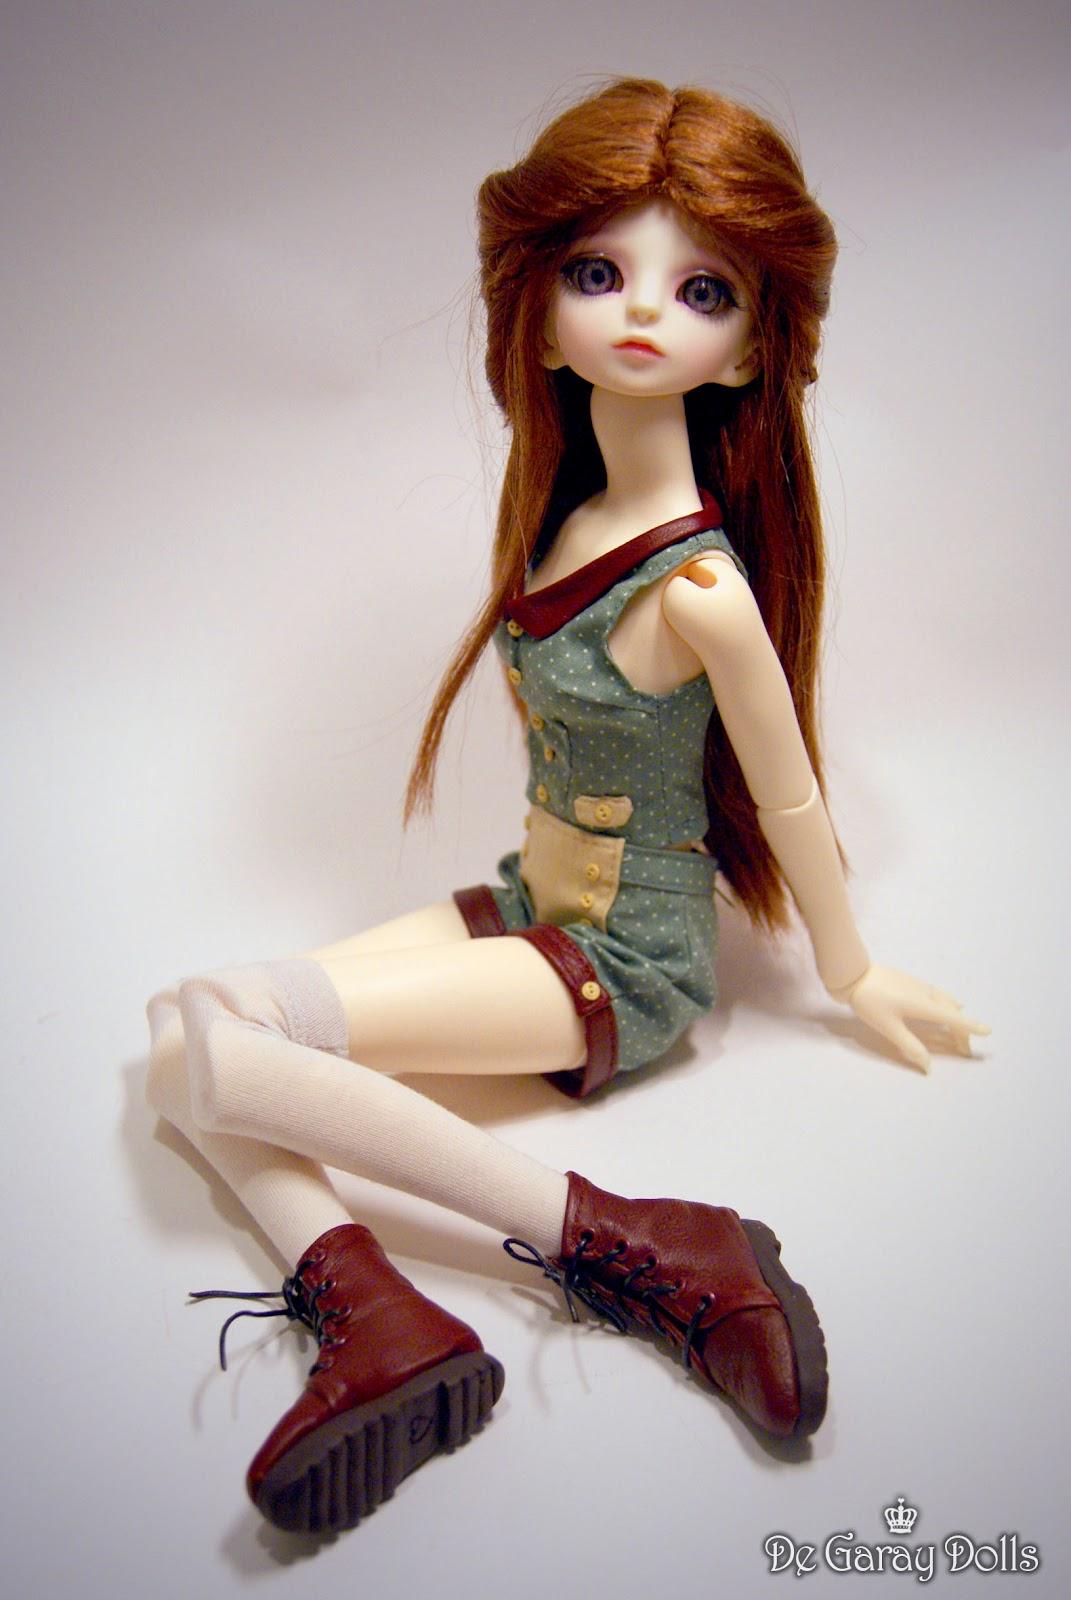 Barbie doll for a big boy scene 1 - 5 7